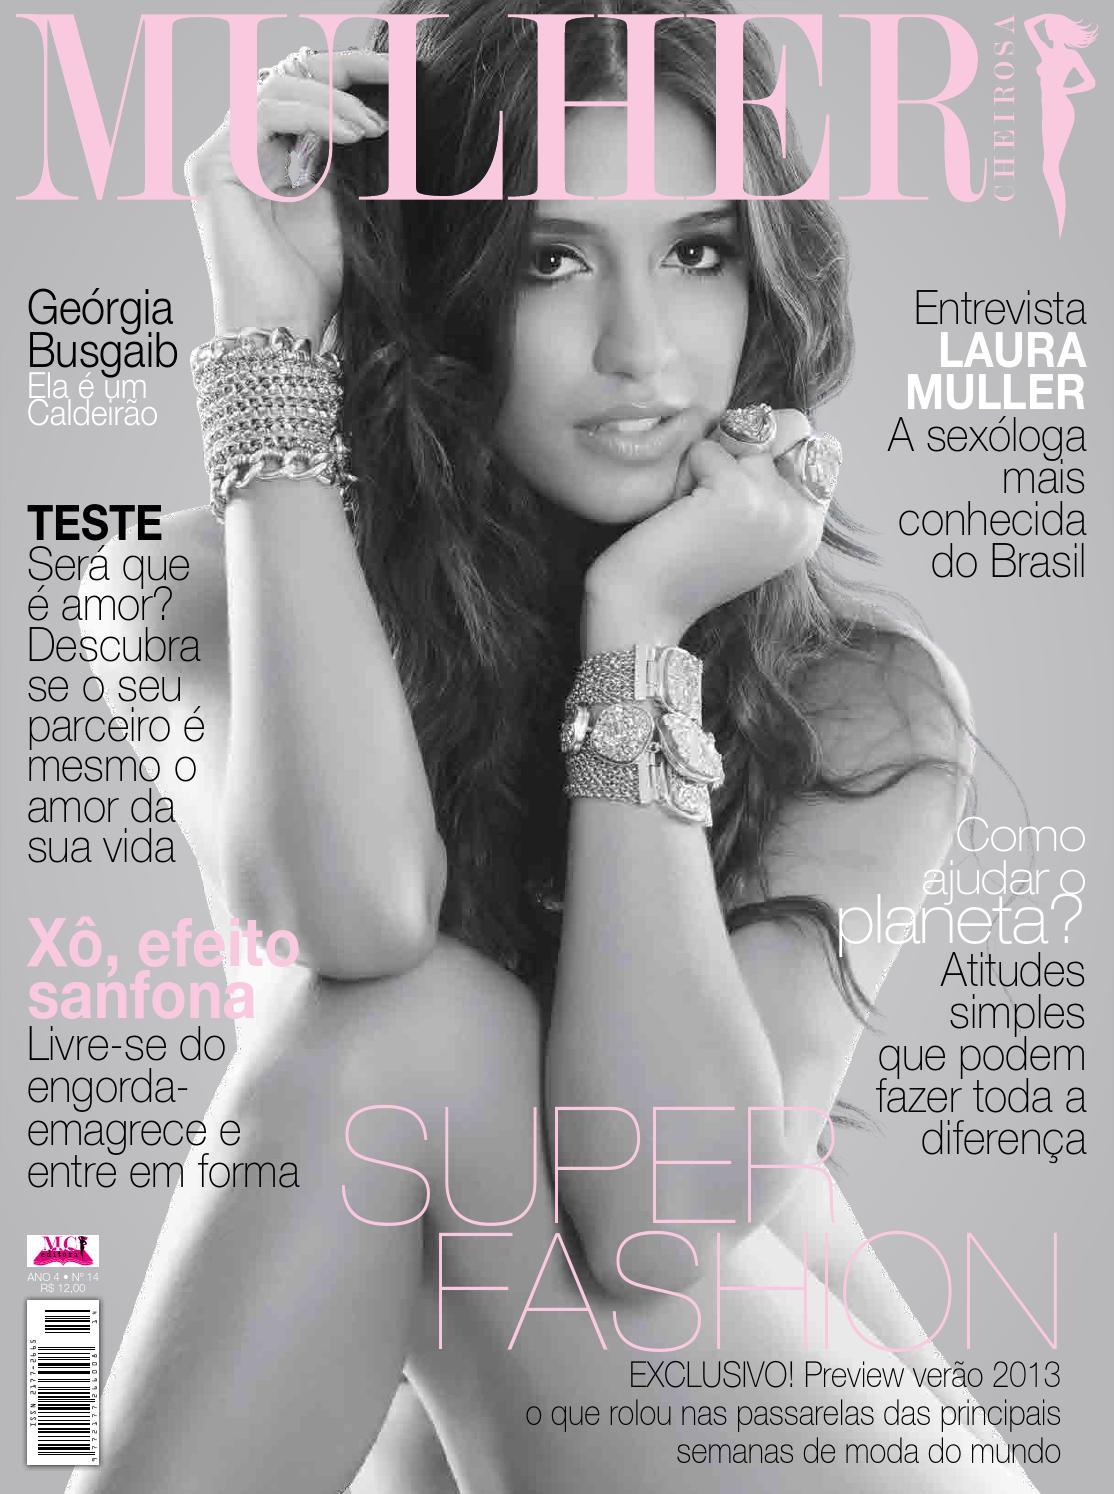 Revista mulher cheirosa 14ª edição by Mulher Cheirosa - issuu 69791b2848